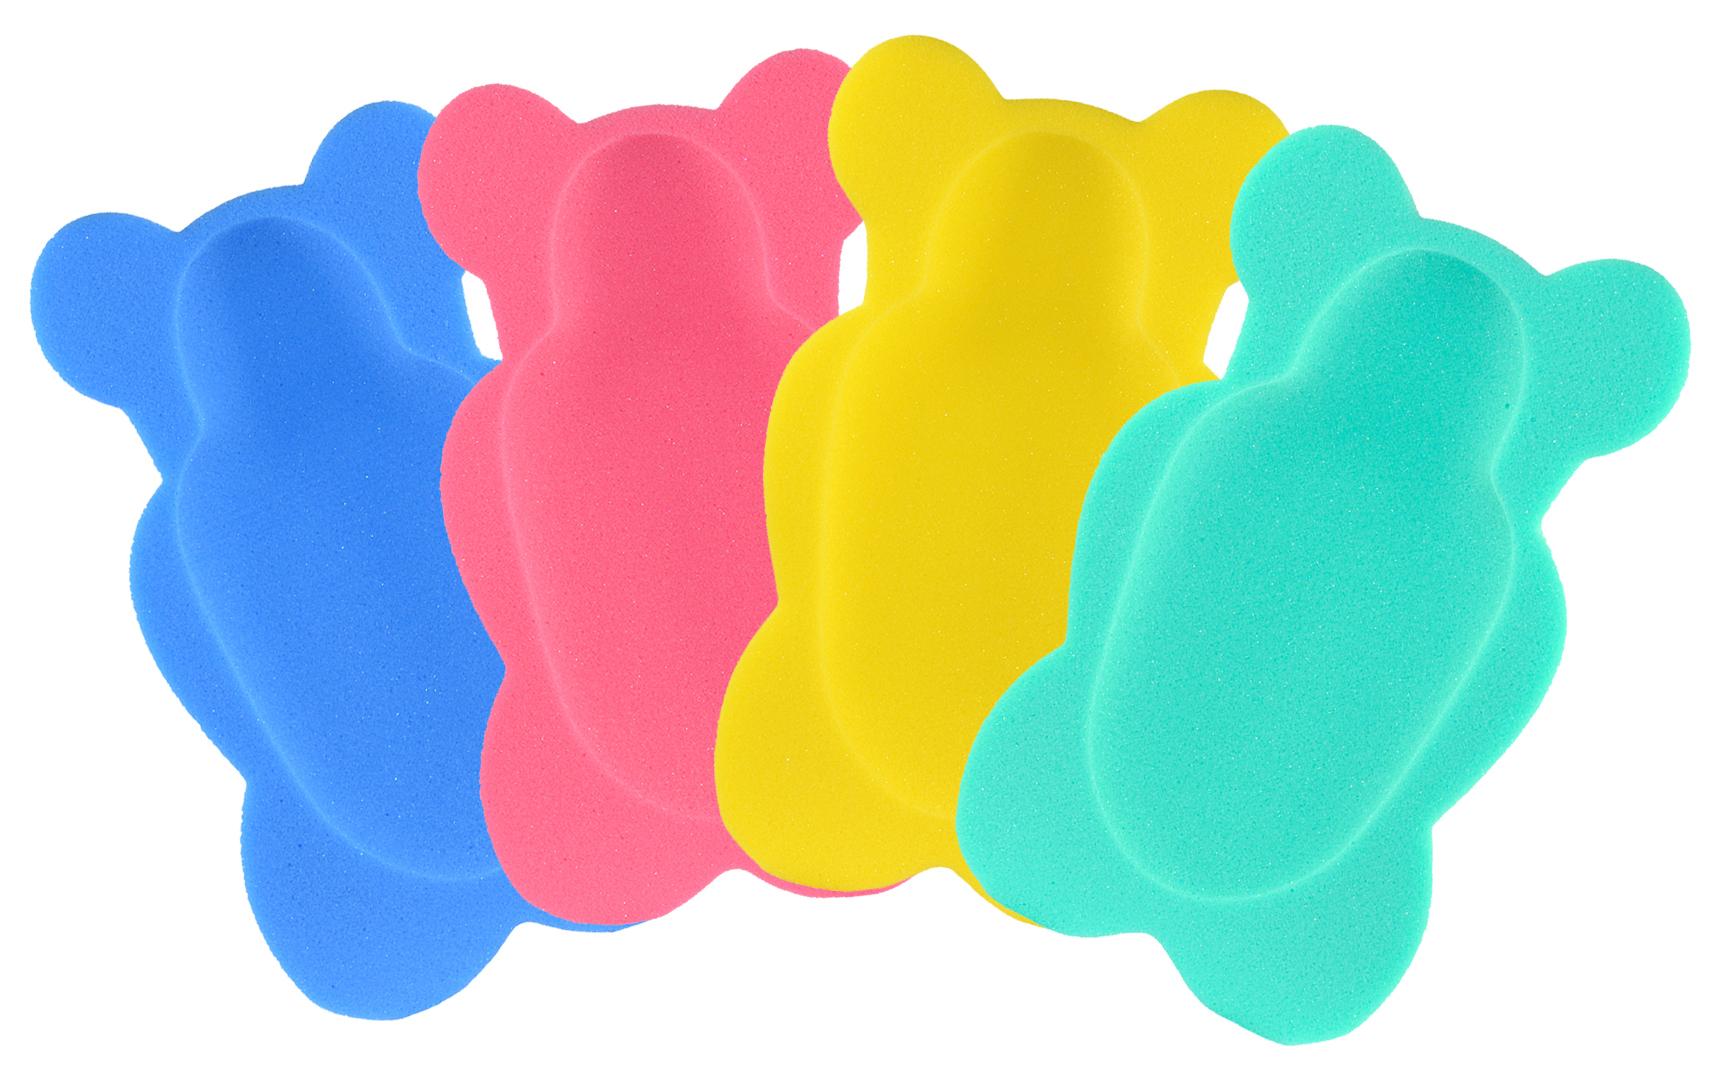 baby bath sponge support comfort soft safe foam brand new toddler maxi plain. Black Bedroom Furniture Sets. Home Design Ideas